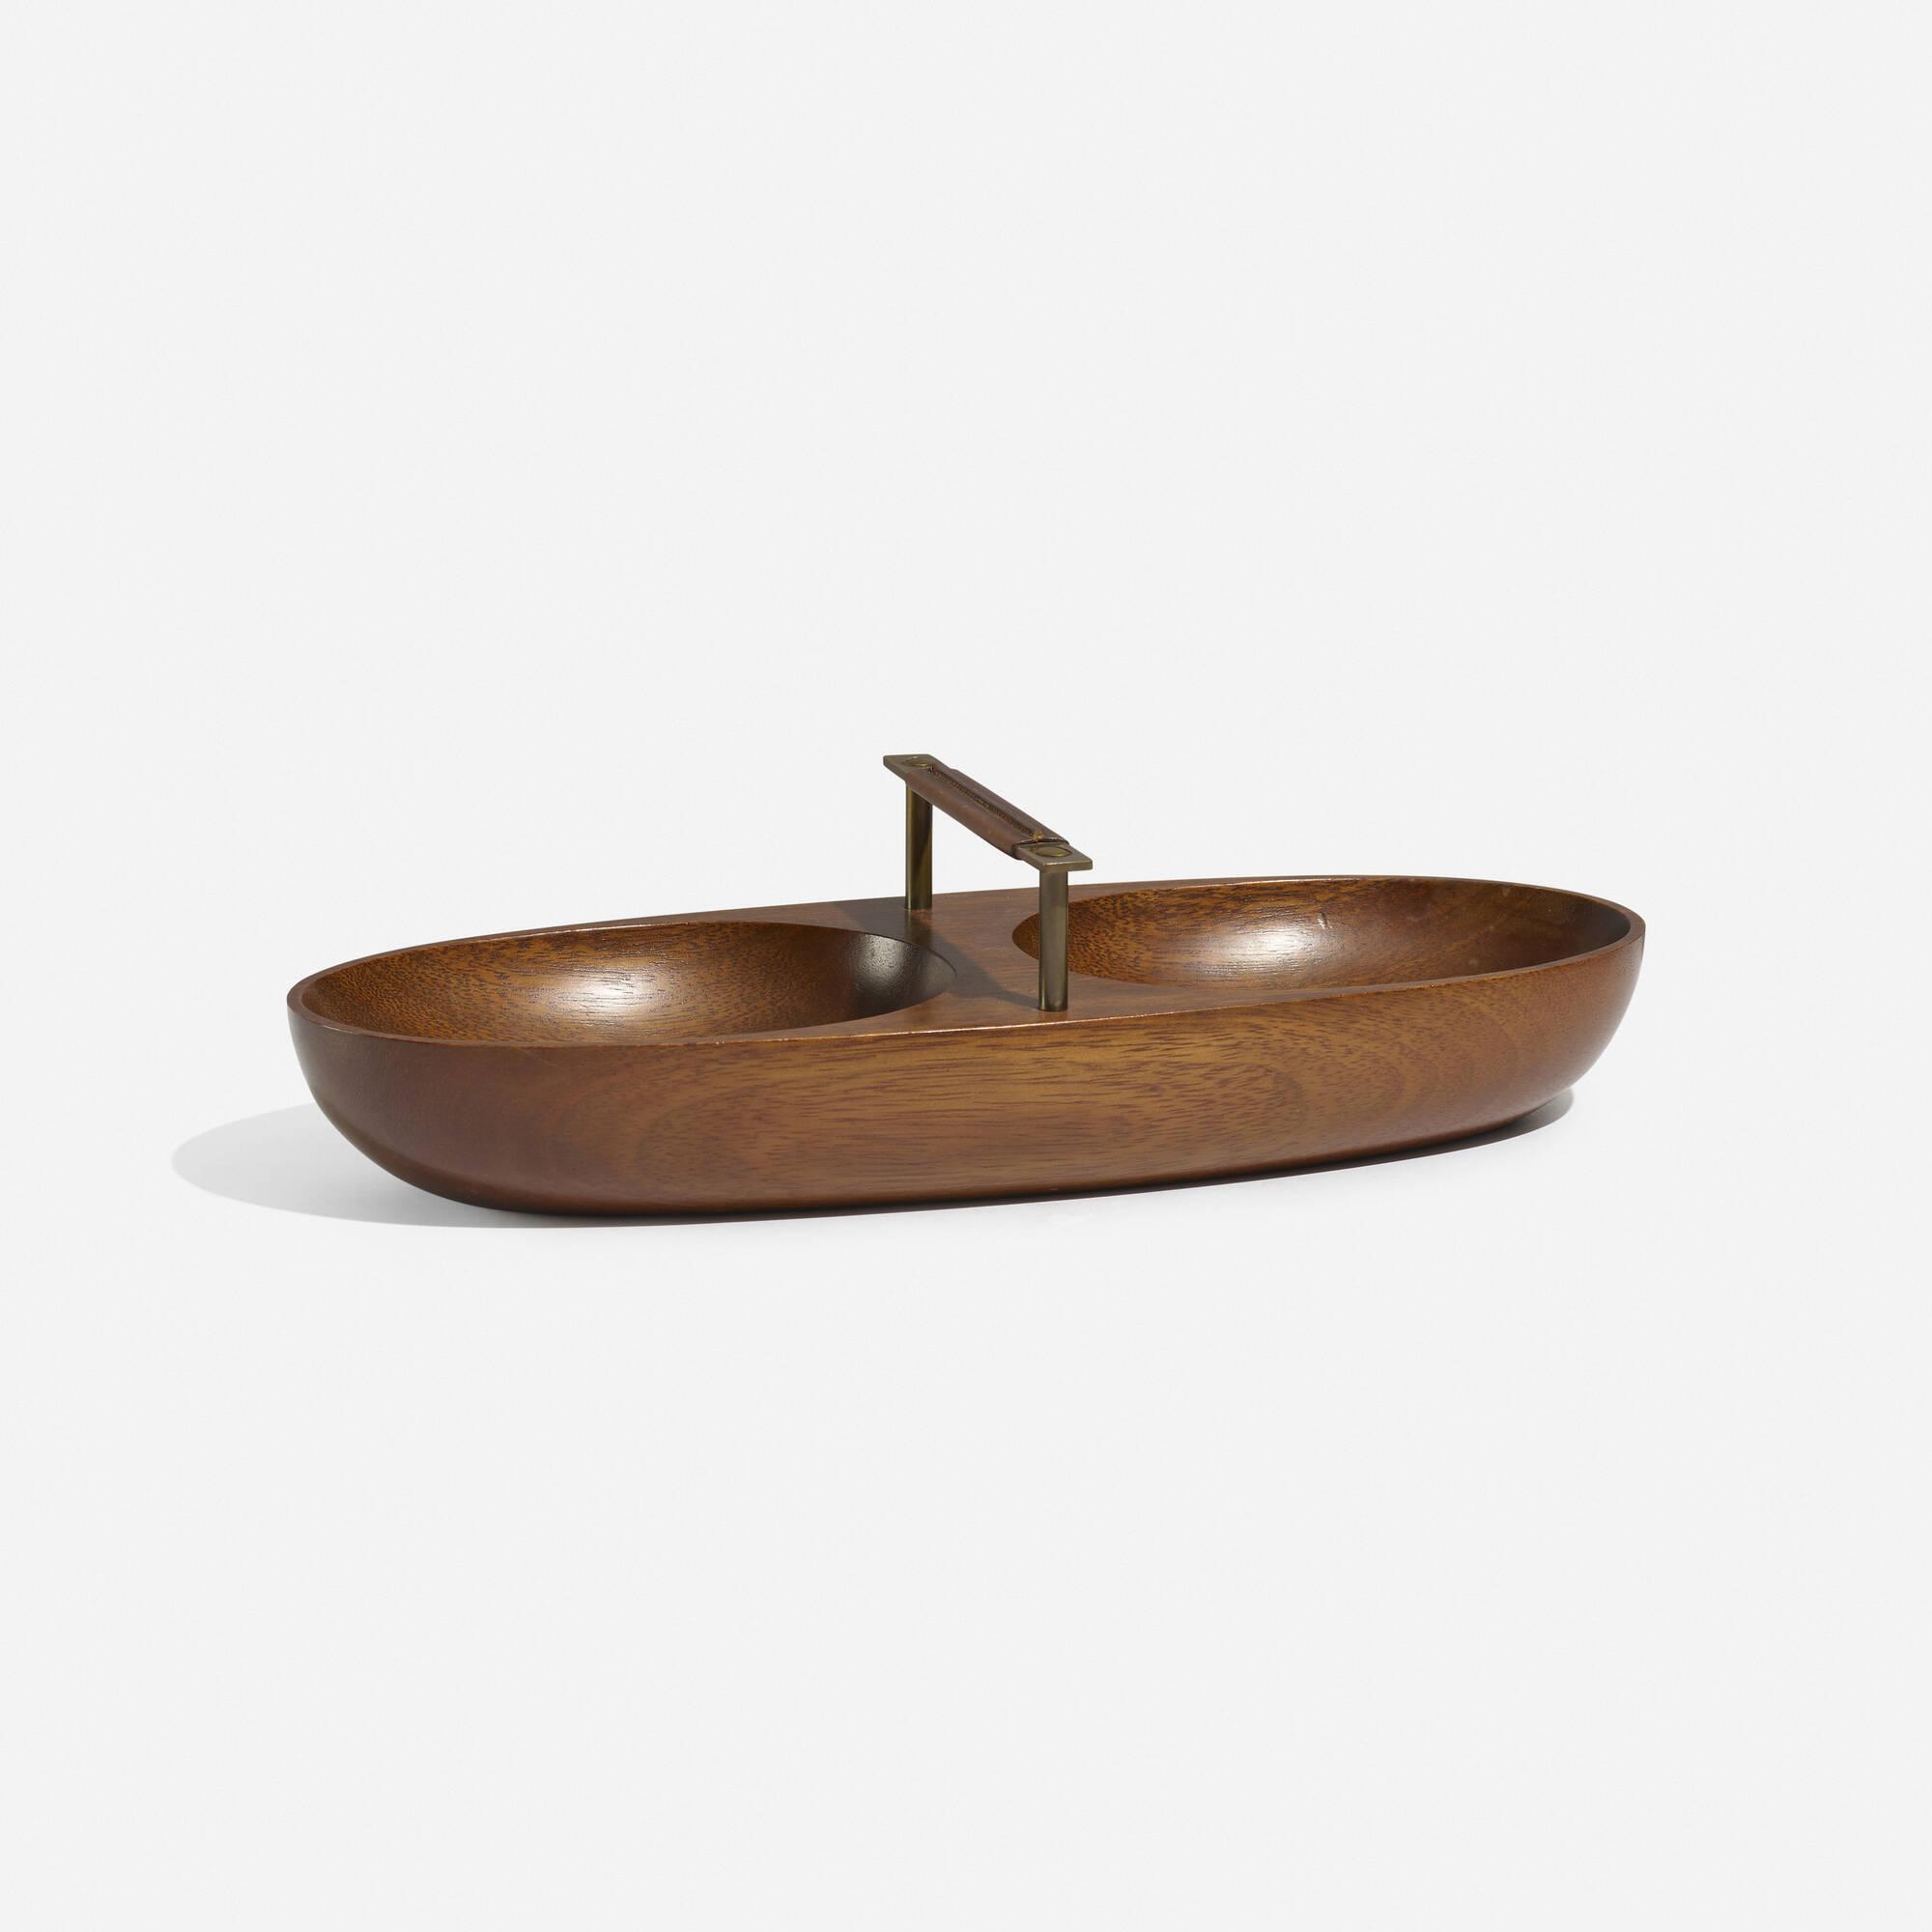 245: Carl Auböck II / nut bowl (1 of 2)